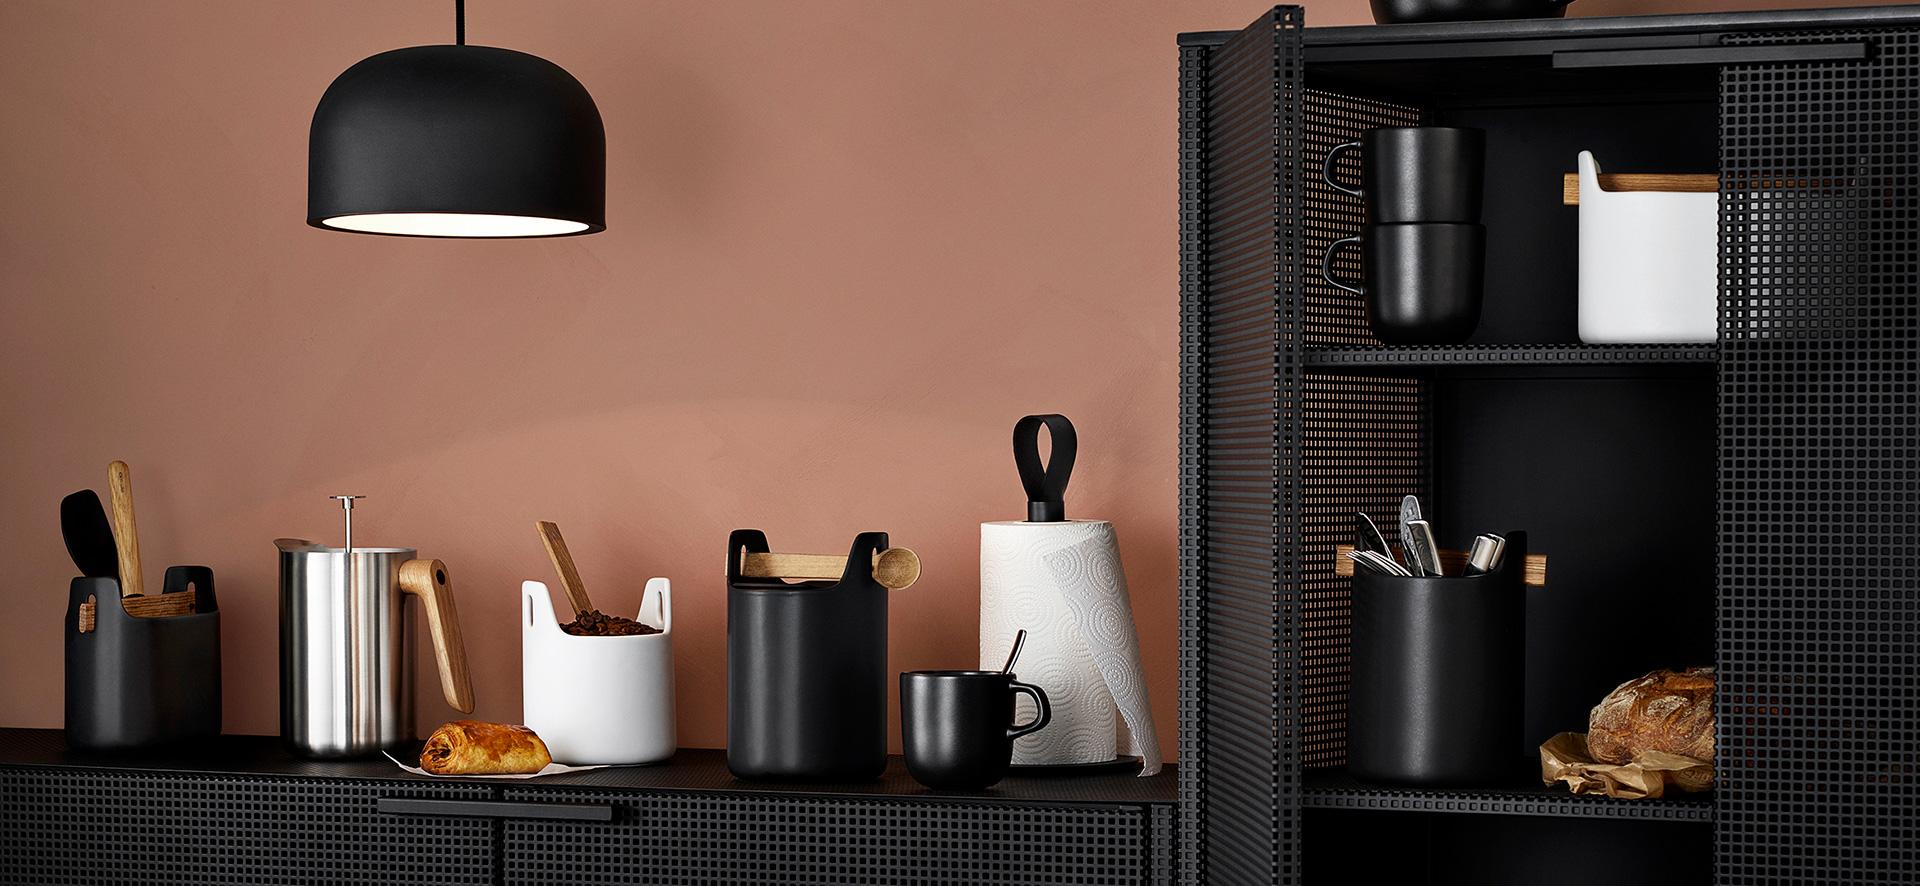 Full Size of Aufbewahrungsbehälter Küche Glas Aufbewahrungsbehälter Küche Ikea Aufbewahrungsbehälter Küche Kaufen Aufbewahrungsbehälter Küchenutensilien Küche Aufbewahrungsbehälter Küche